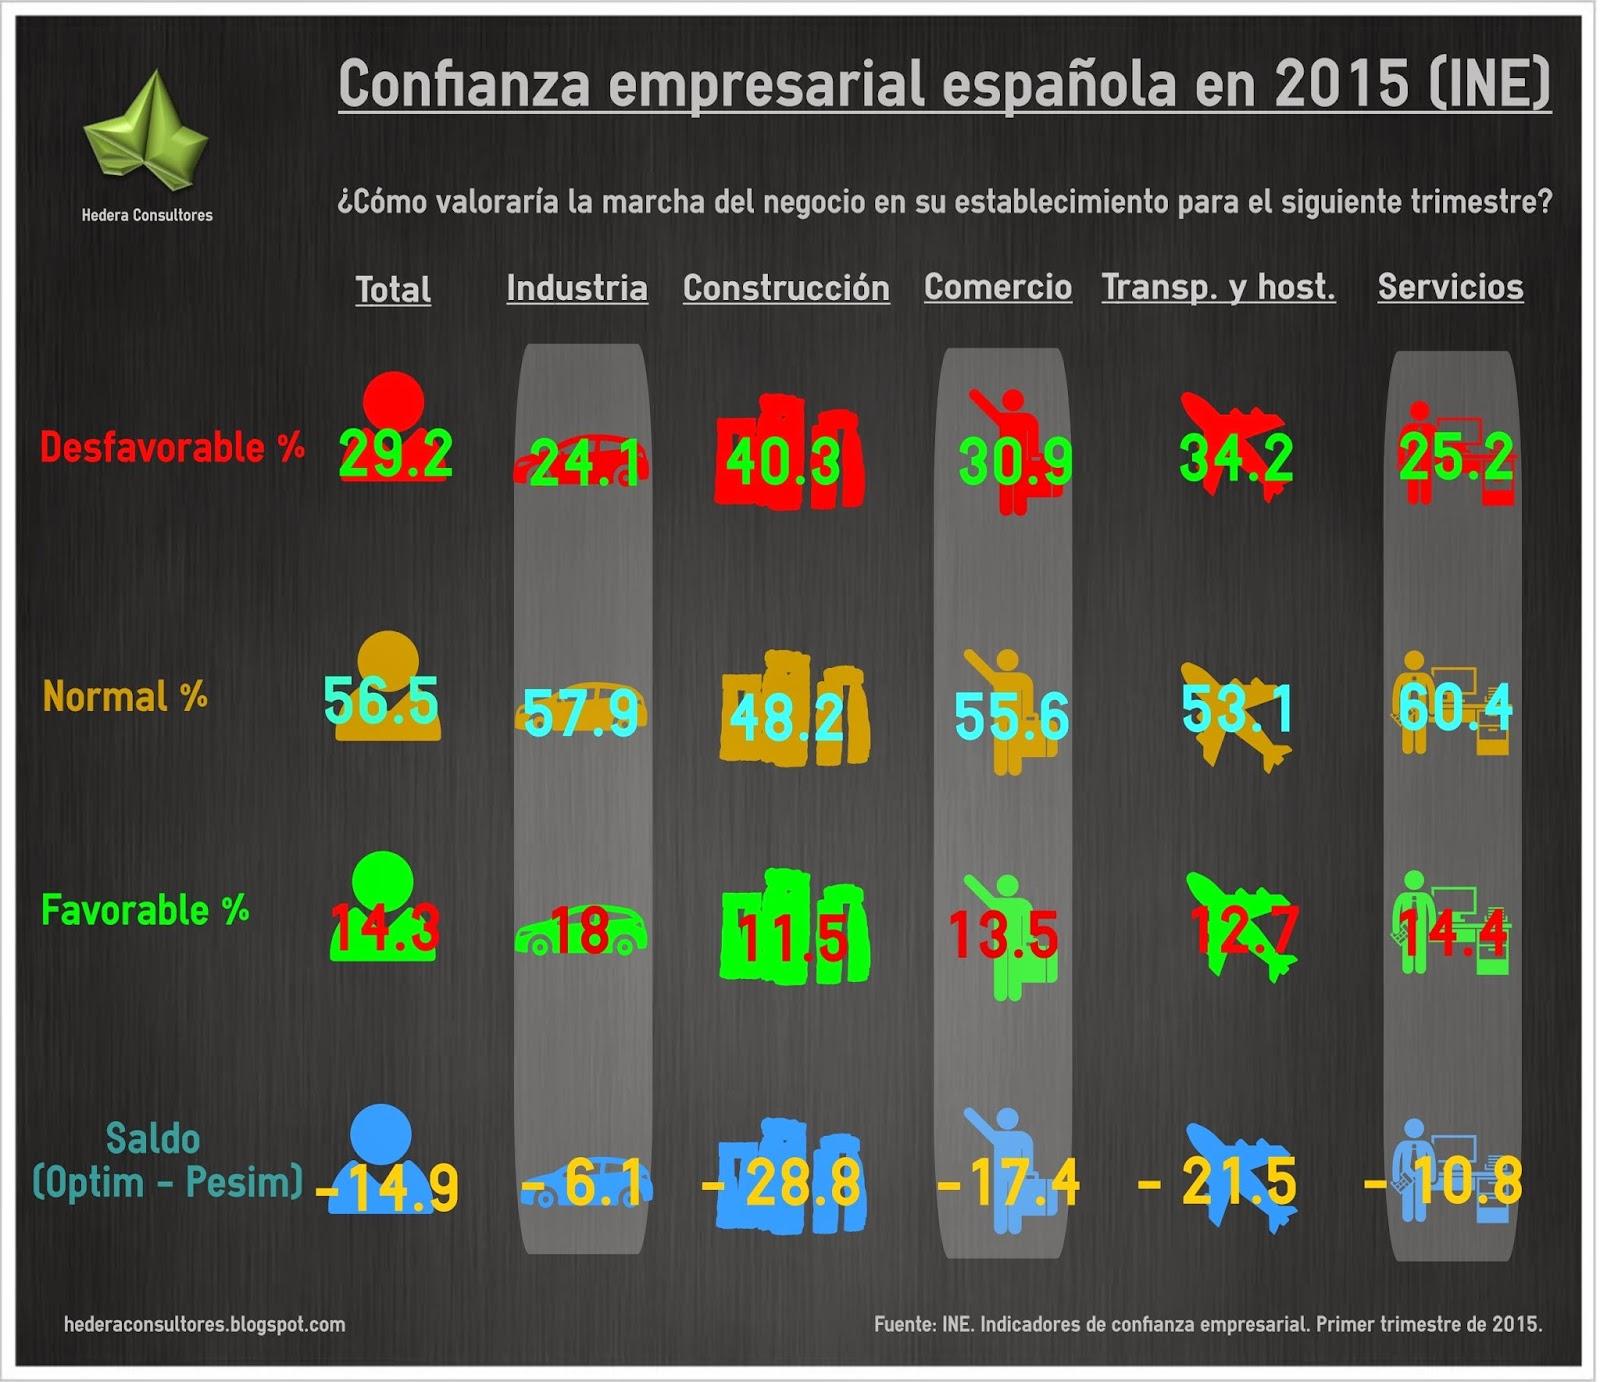 ISO 9001 confianza empresarial 2015